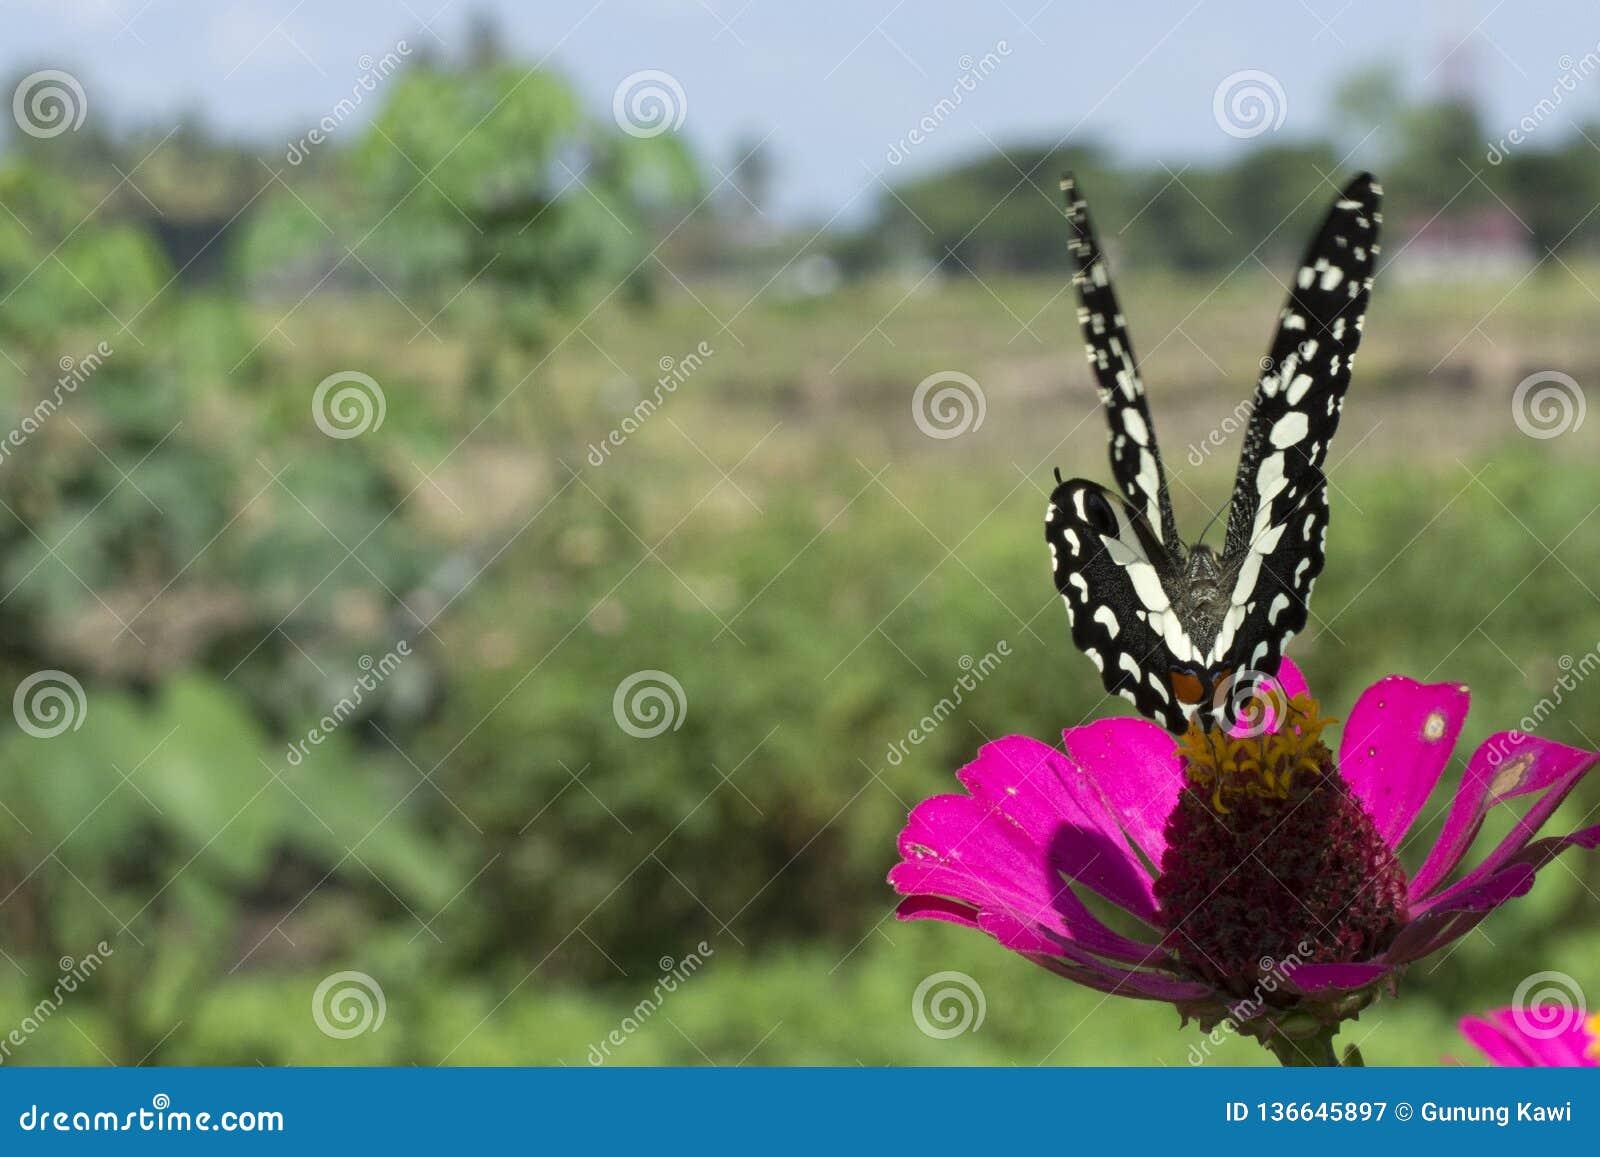 Schmetterlinge in einem schönen Blumengarten